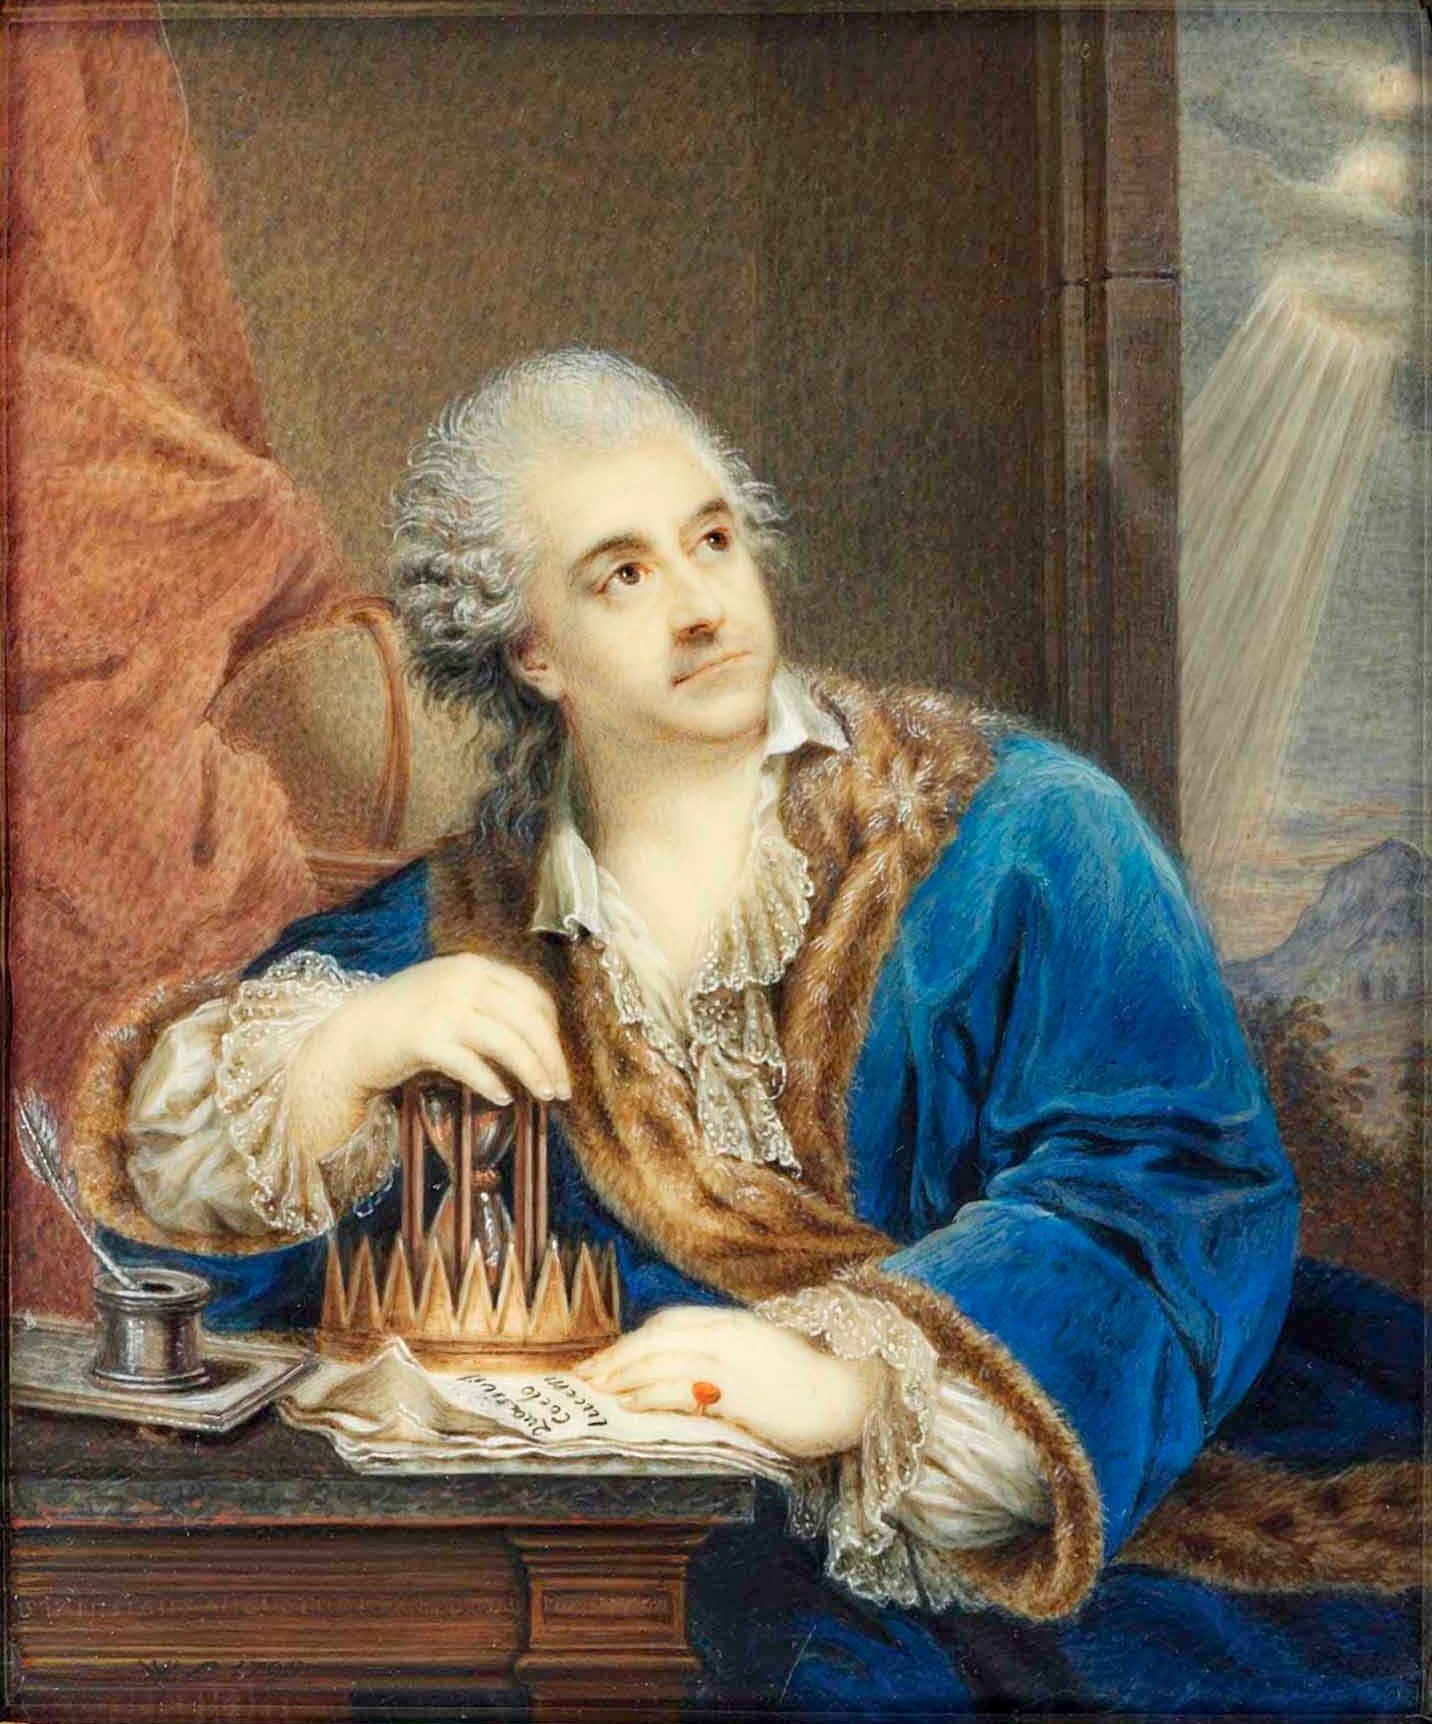 Lesseur - Portret Stanisława Augusta z klepsydrą